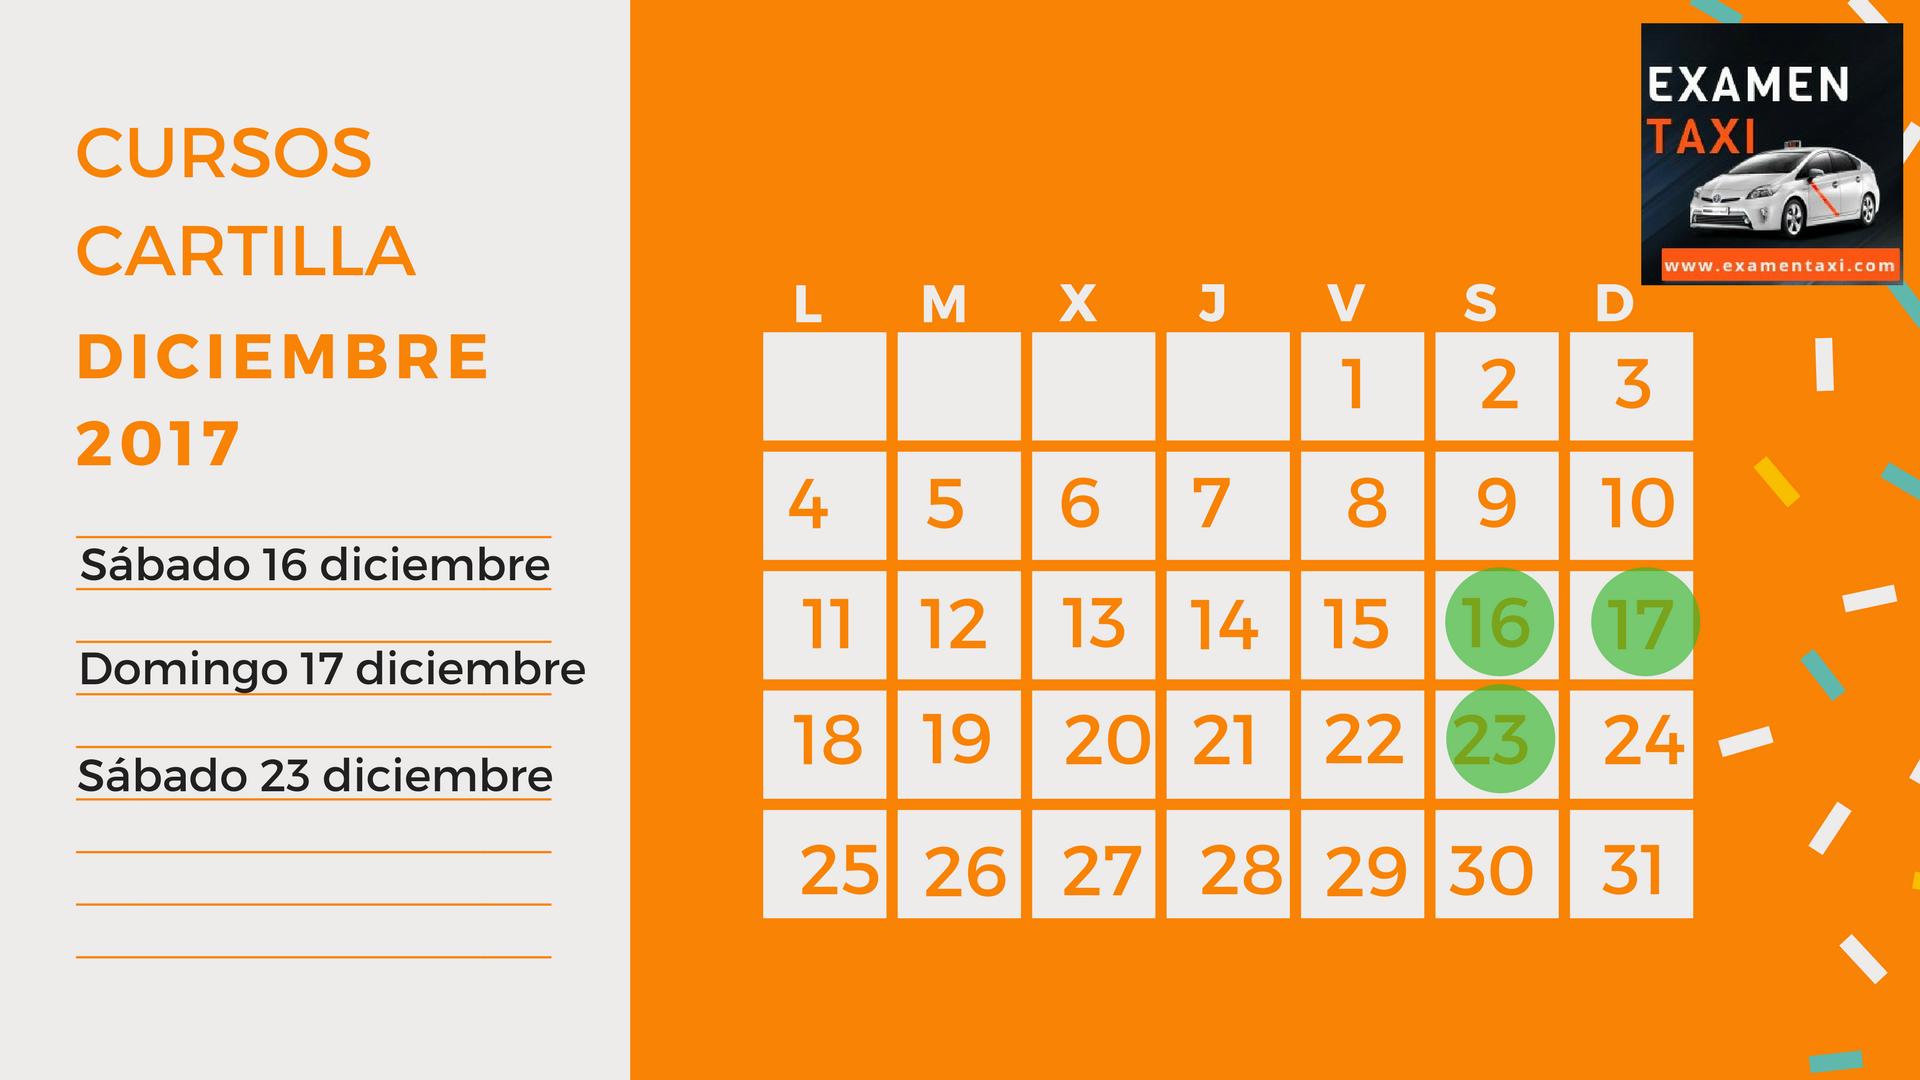 Calendario Cursos Cartilla Diciembre 2017